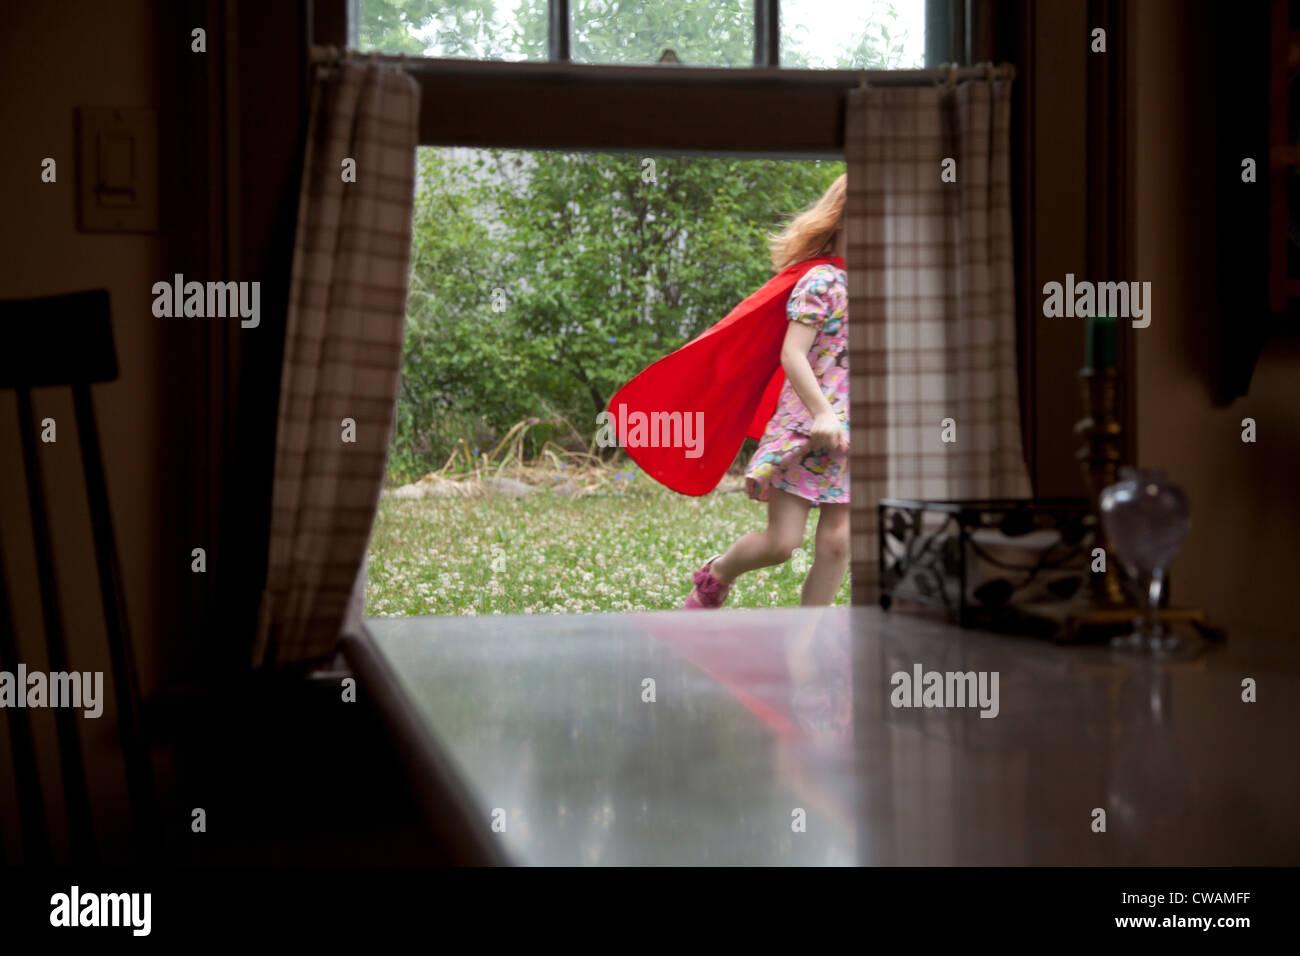 La ragazza di un capo in esecuzione passato una finestra aperta Immagini Stock